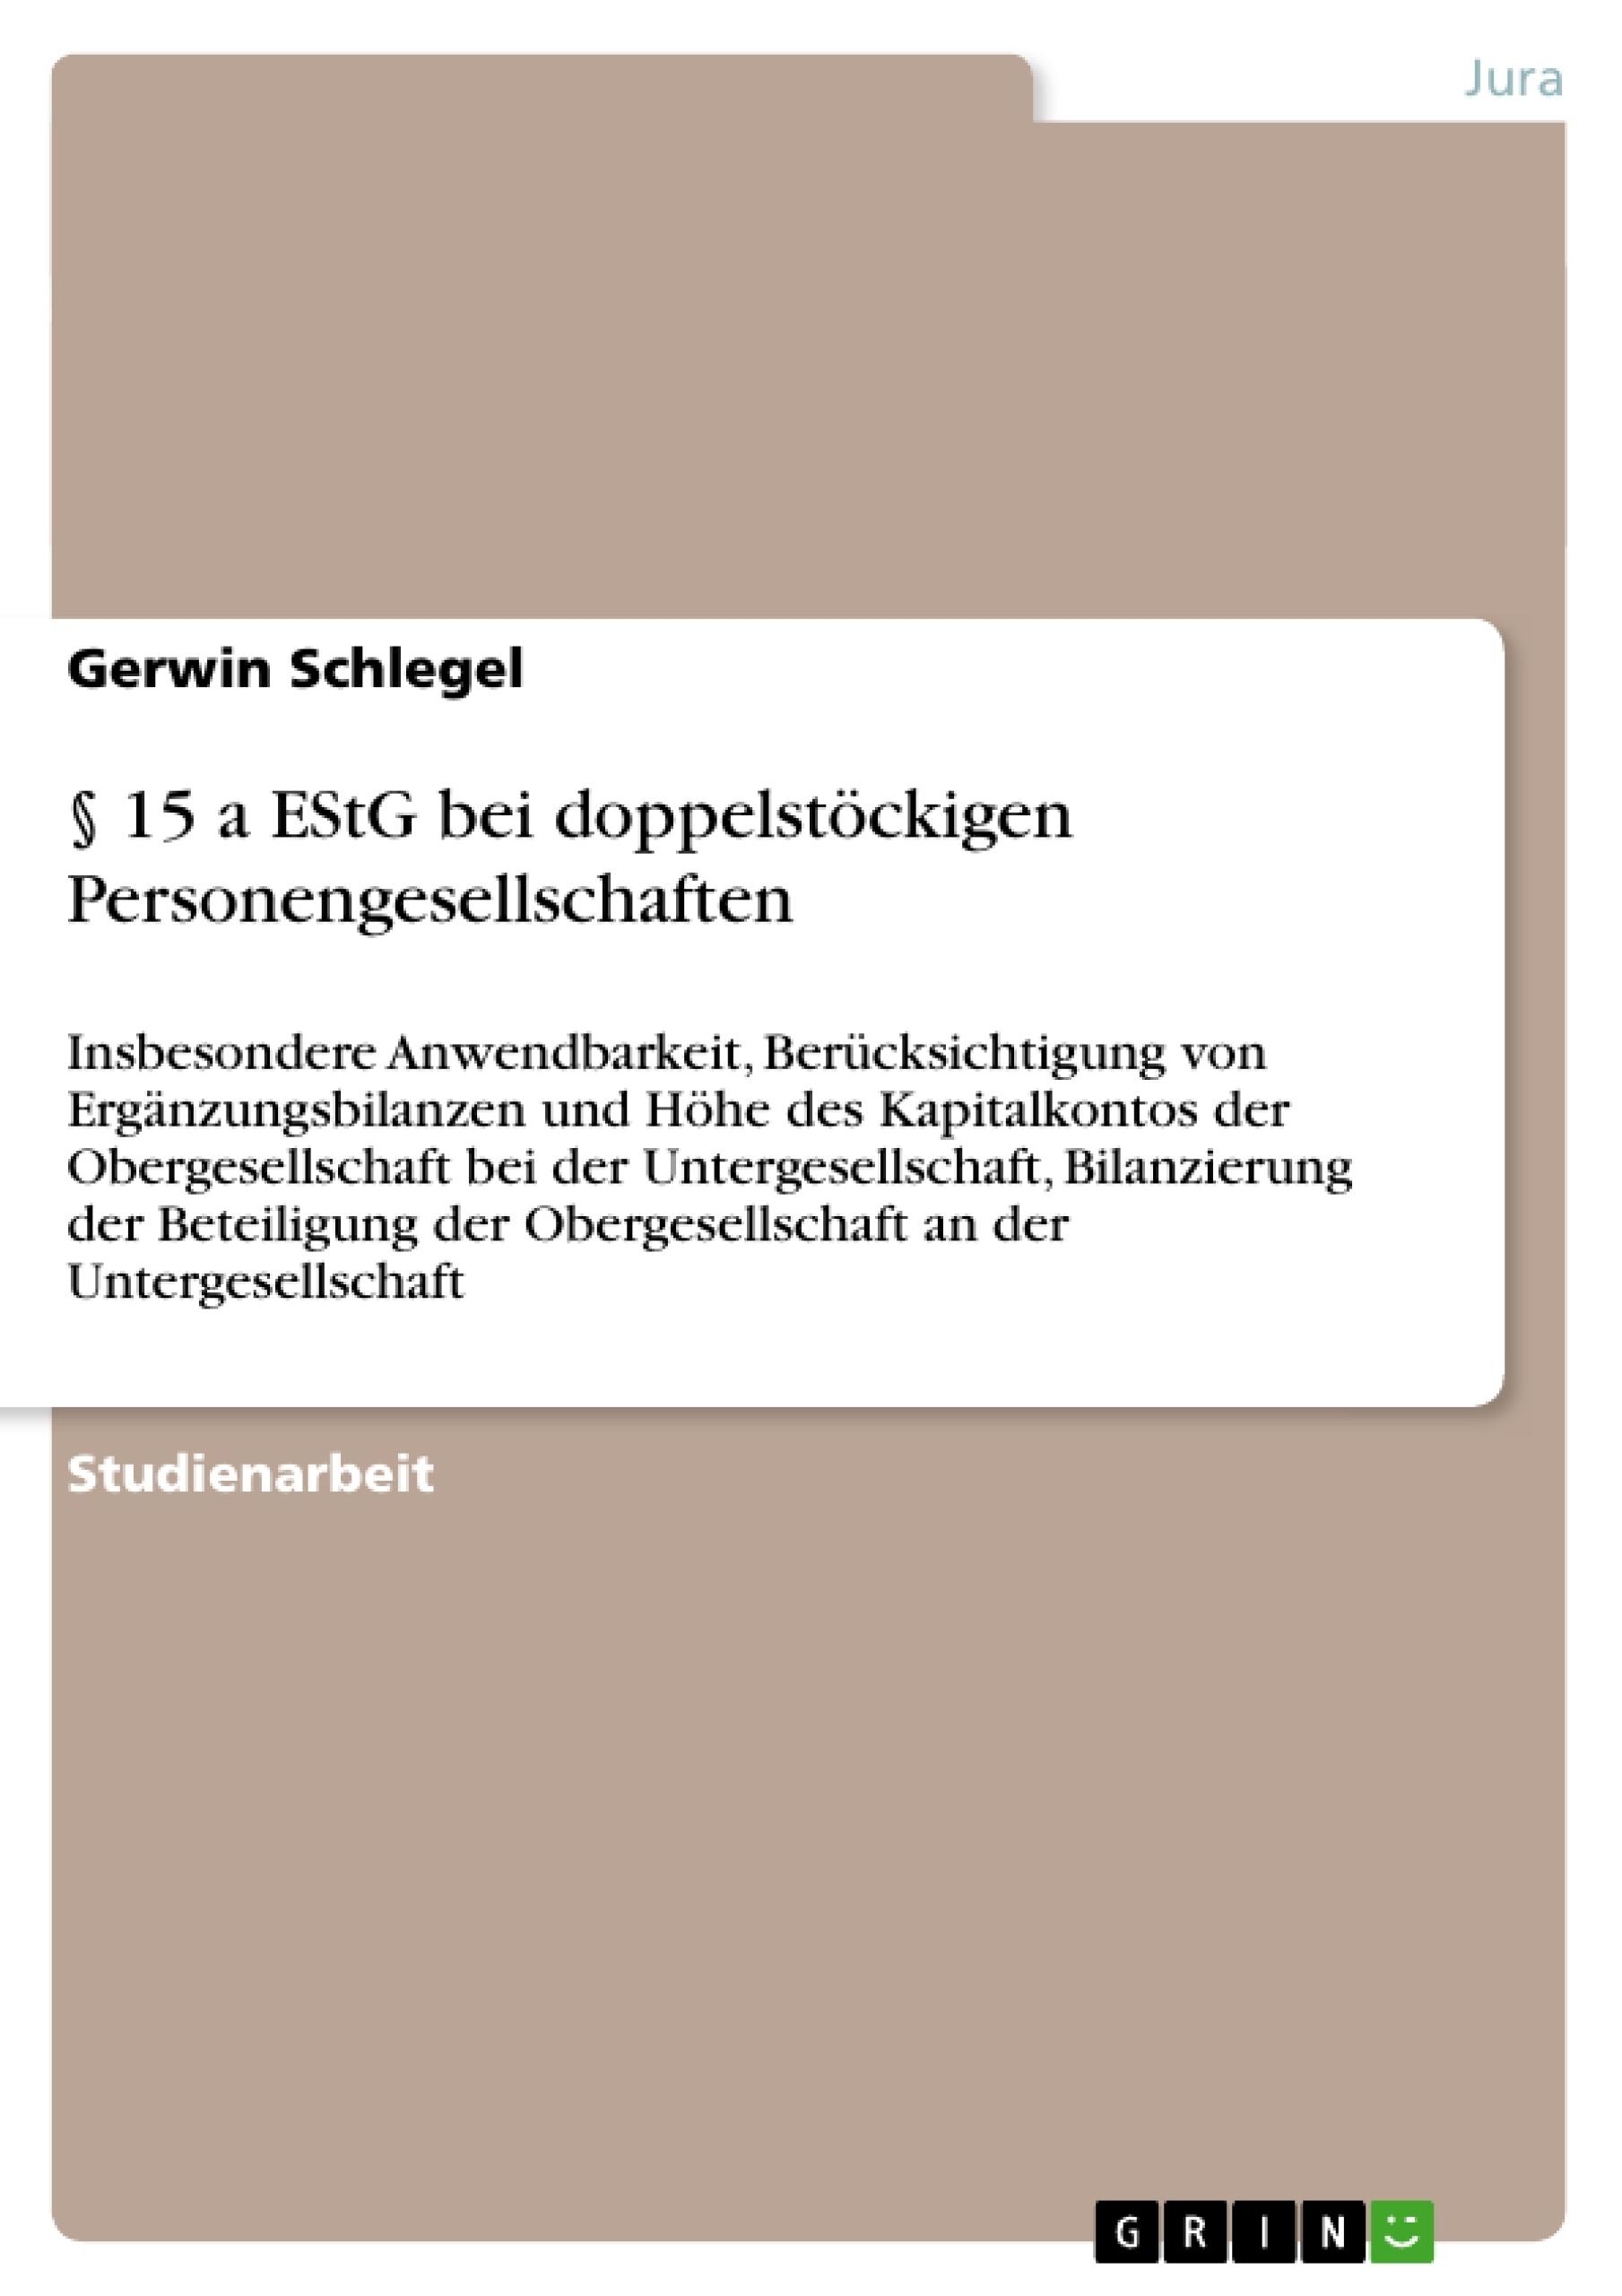 Titel: § 15 a EStG bei doppelstöckigen Personengesellschaften